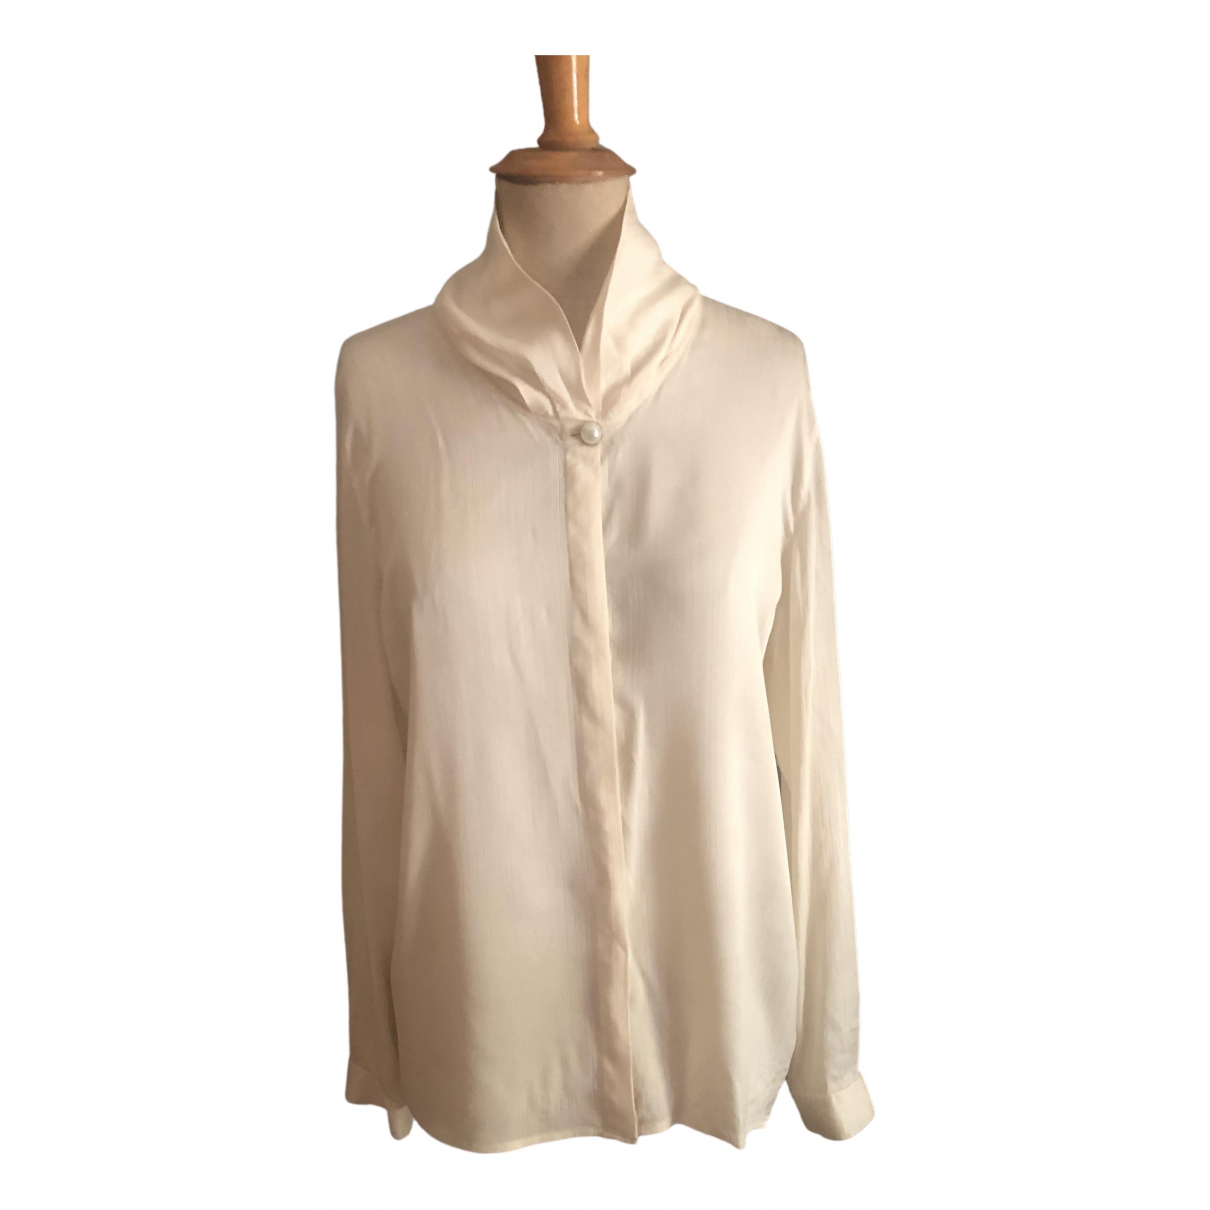 Pierre Cardin \N Ecru Silk  top for Women 50-52 IT